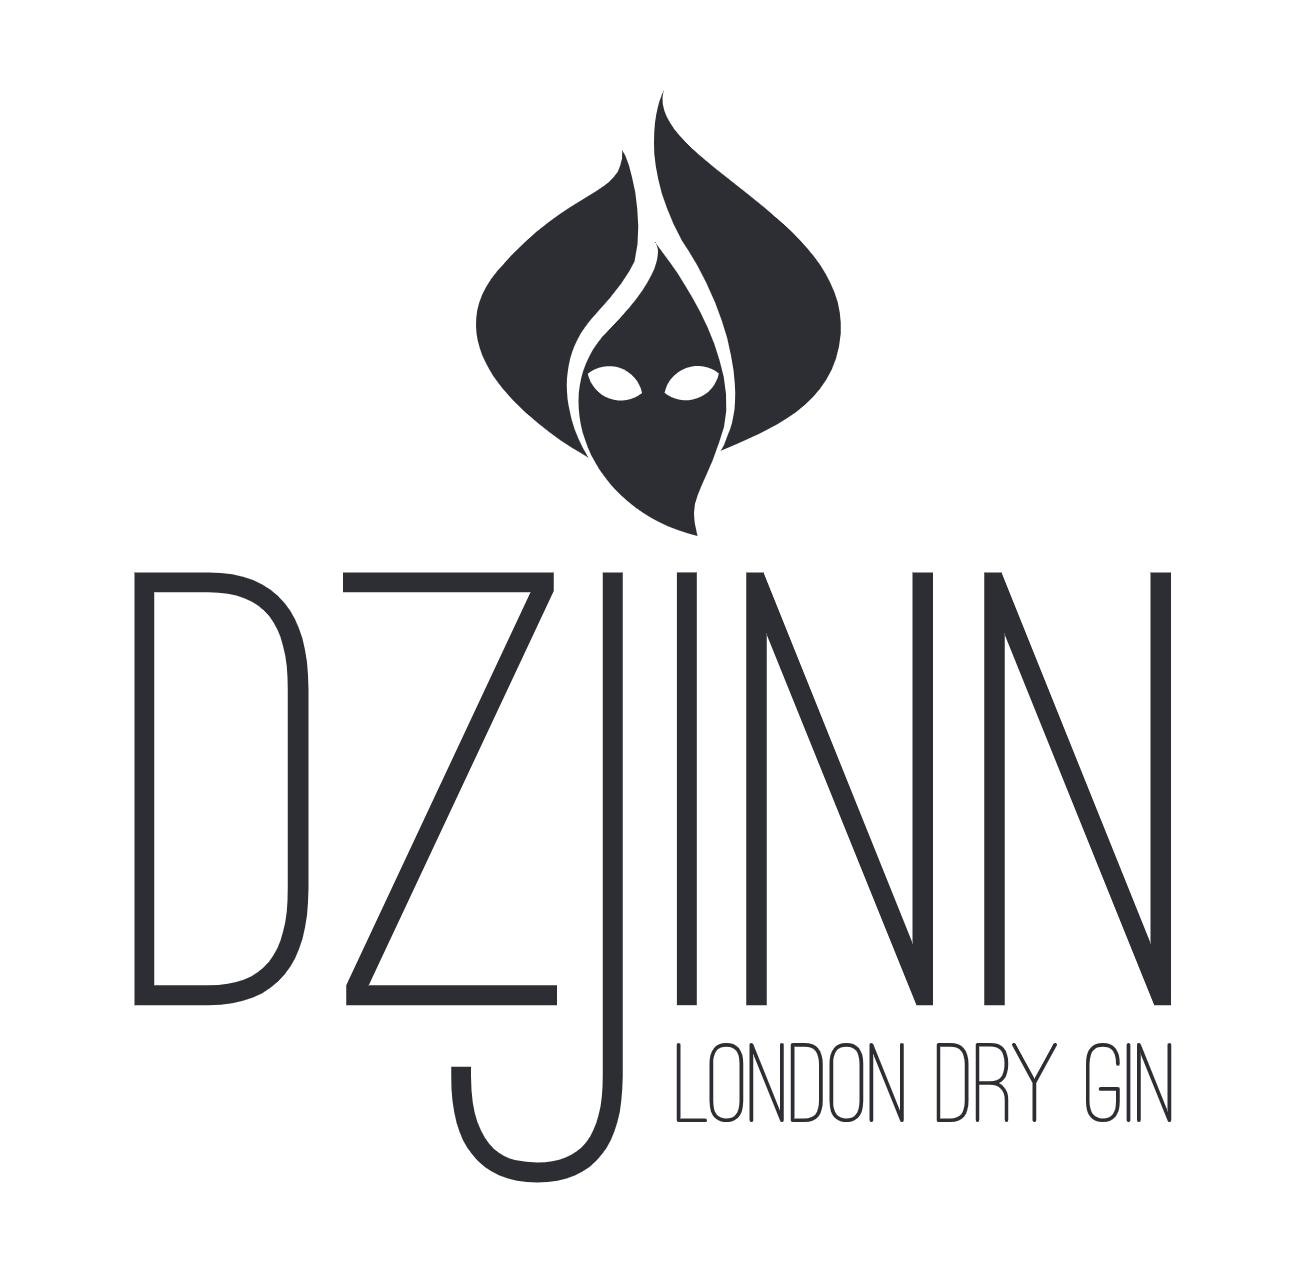 Dzjinn - London Dry Gin